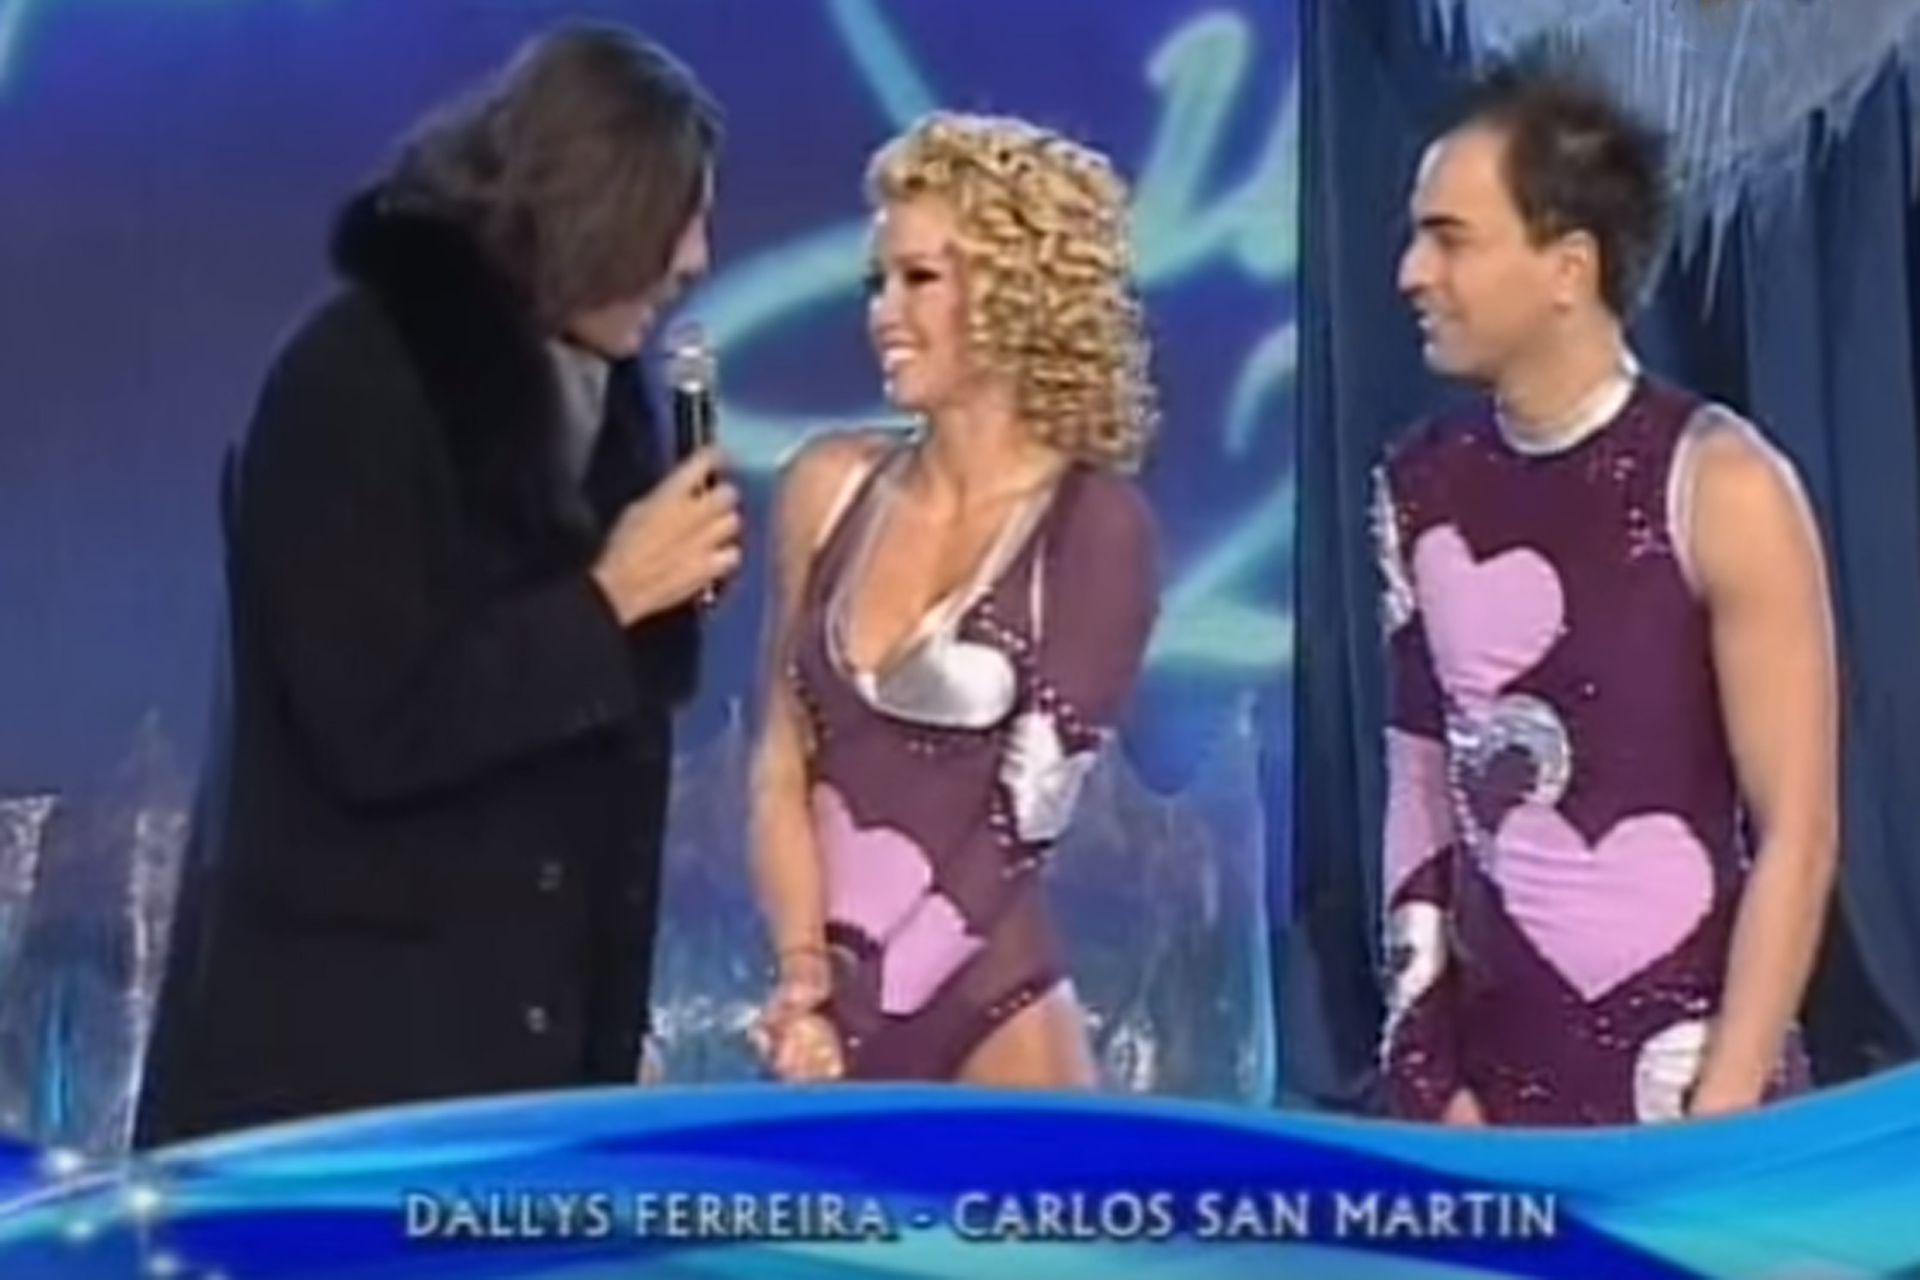 San Martín participó del Patinando por un sueño en 2008 junto a Dalys Ferreira